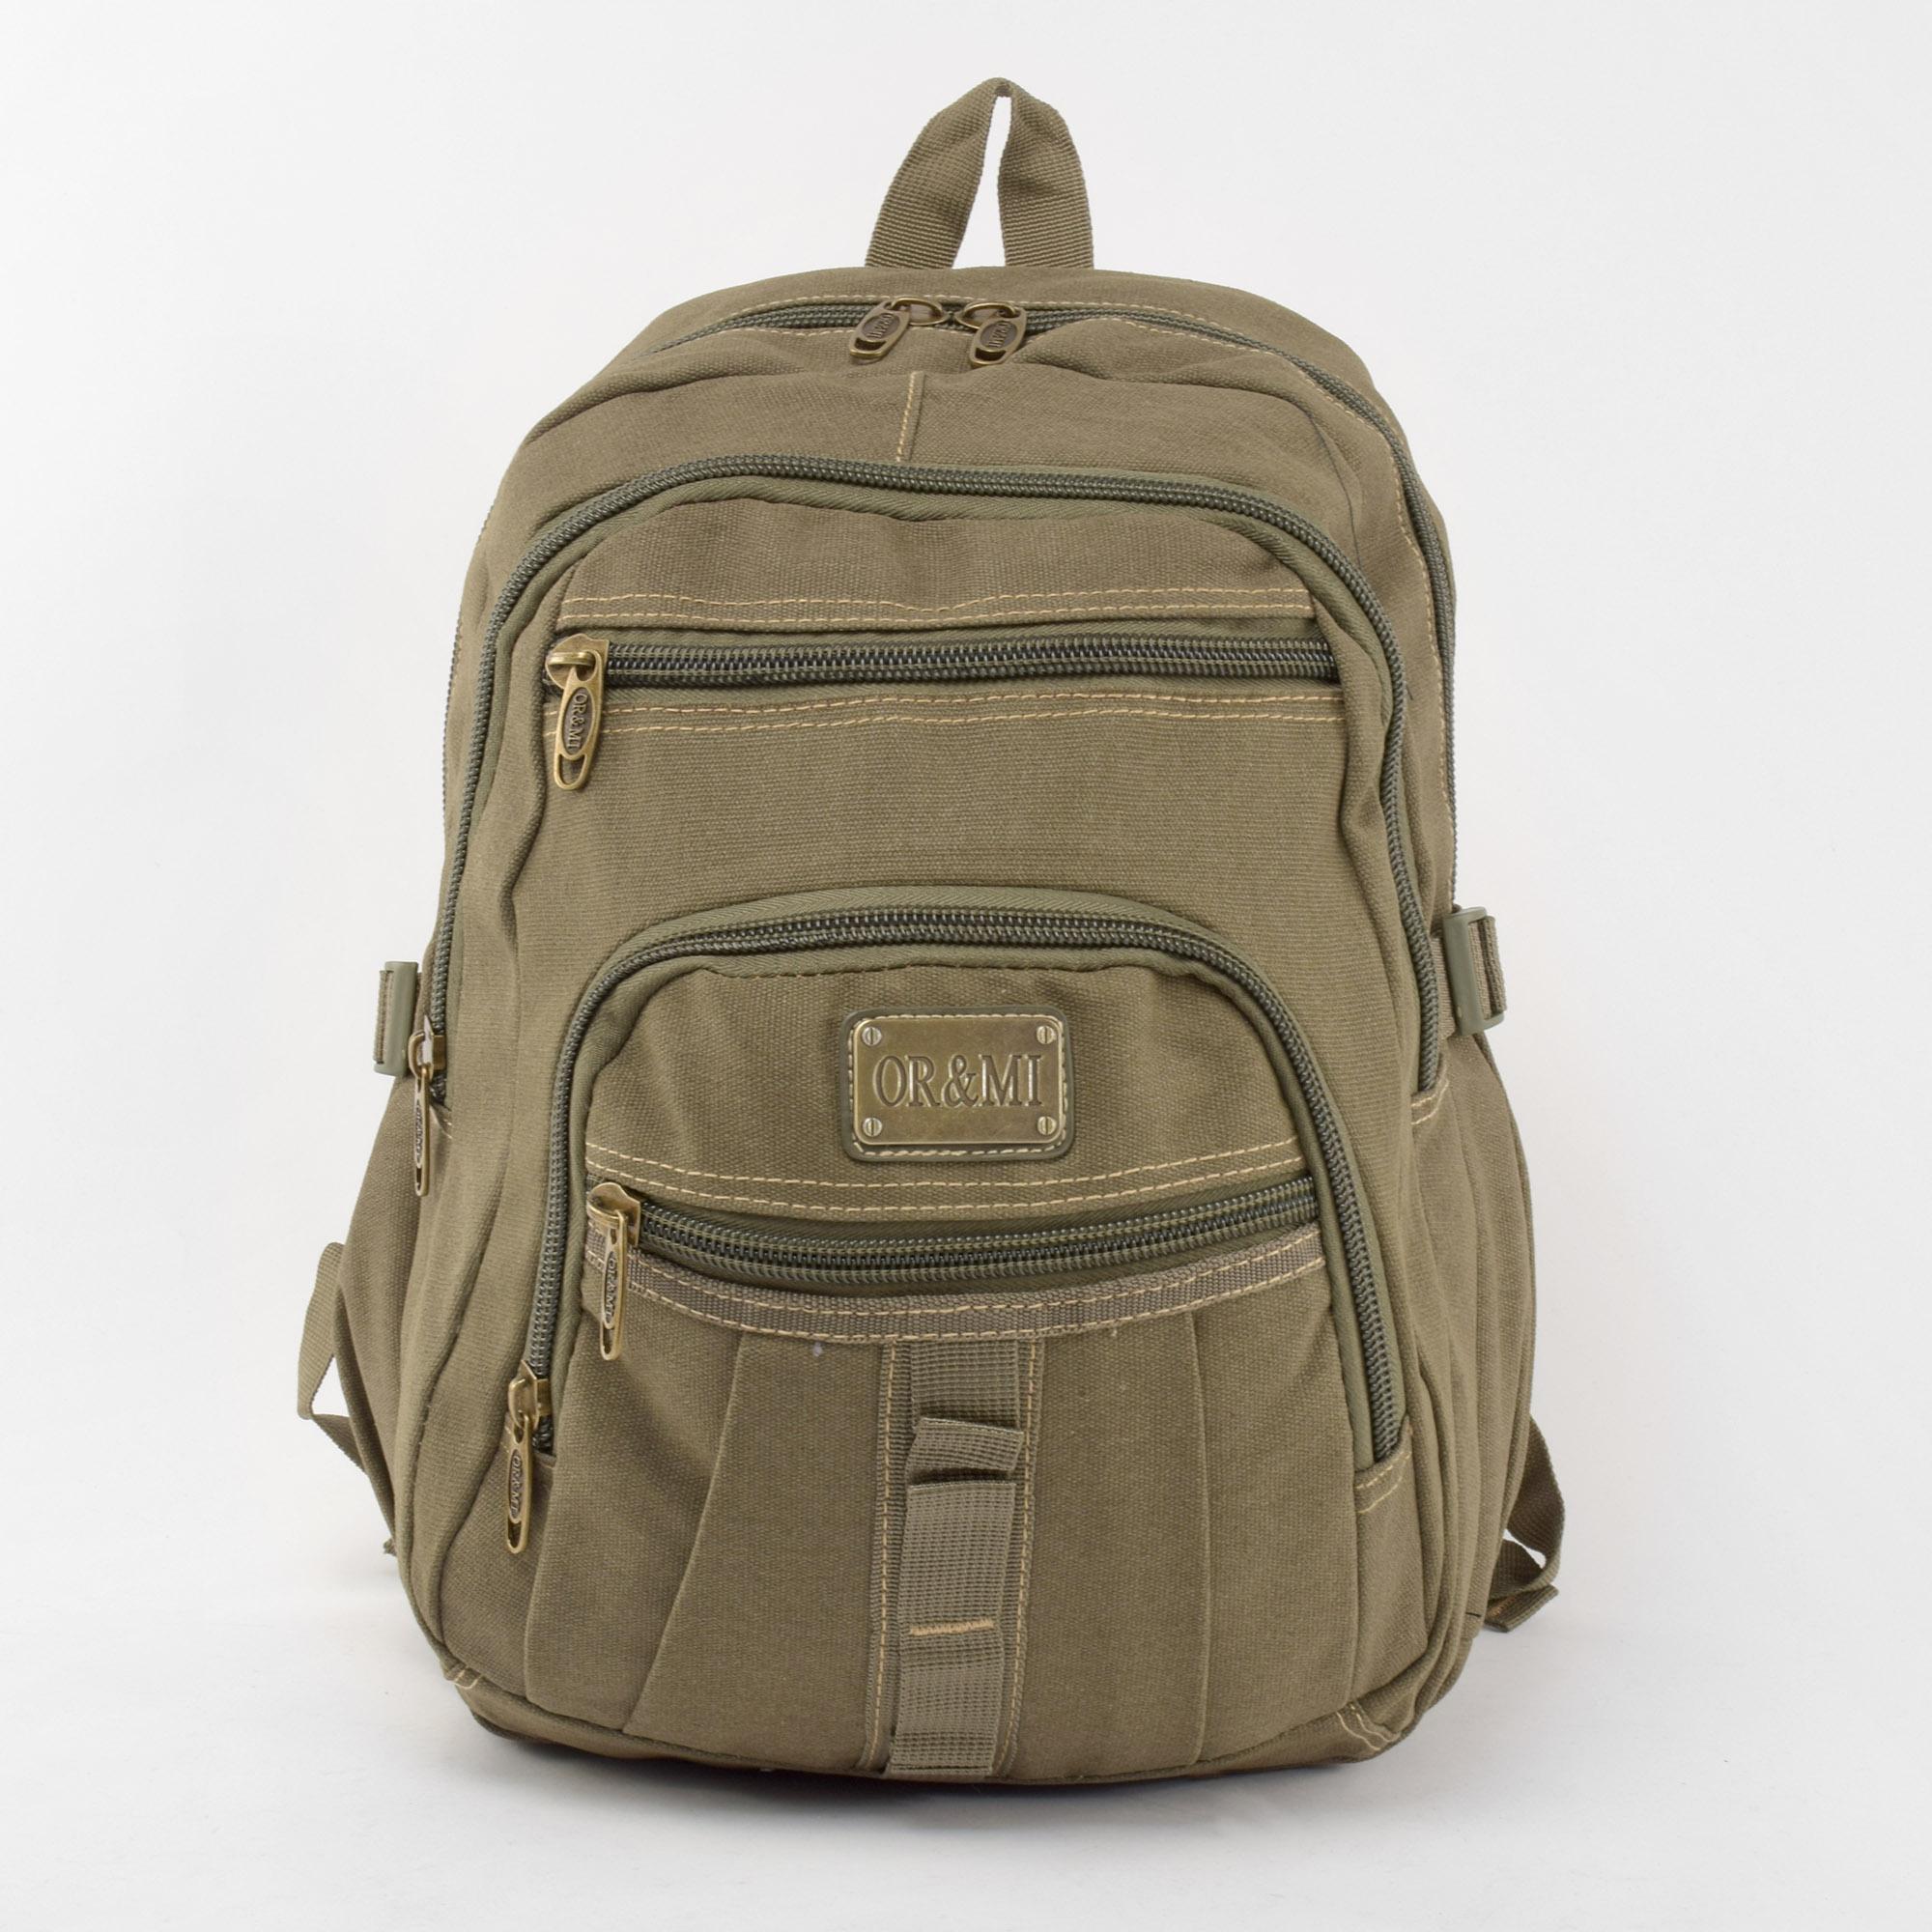 f0e472e9f0 Besty Zöld szövet hátizsák - HÁTIZSÁKOK - Táska webáruház - Minőségi táskák  mindenkinek